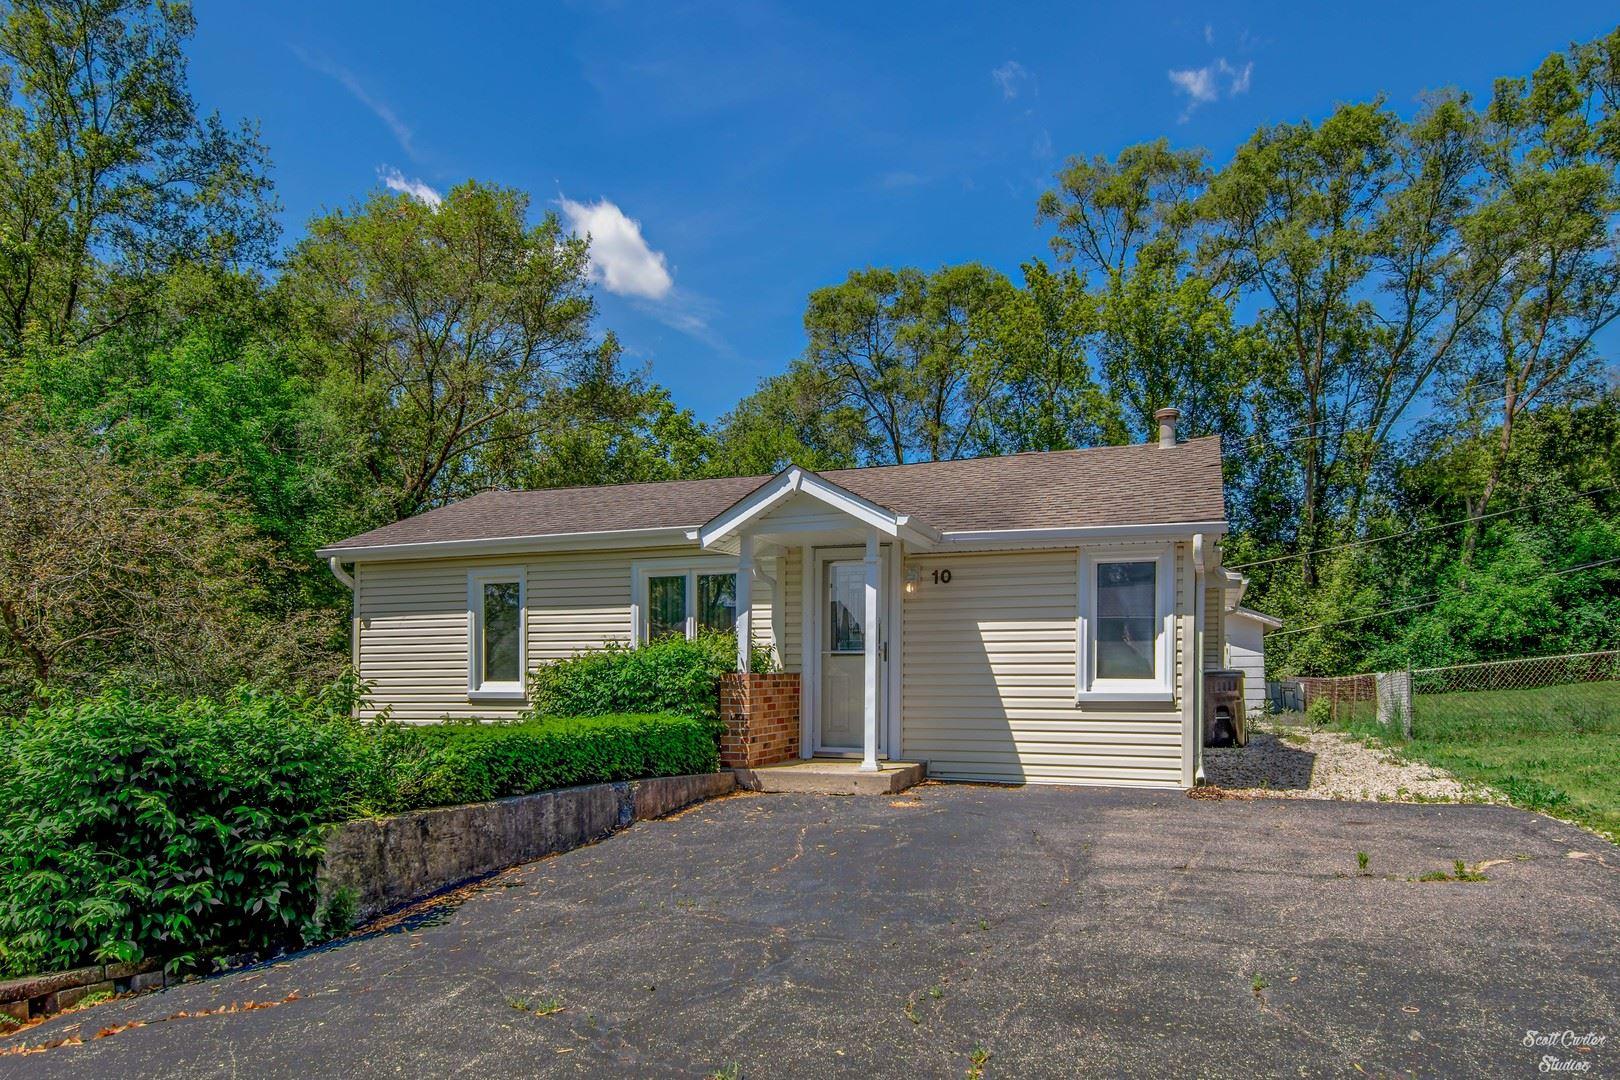 10 Meadow Lane, Oakwood Hills, IL 60013 - #: 11102767